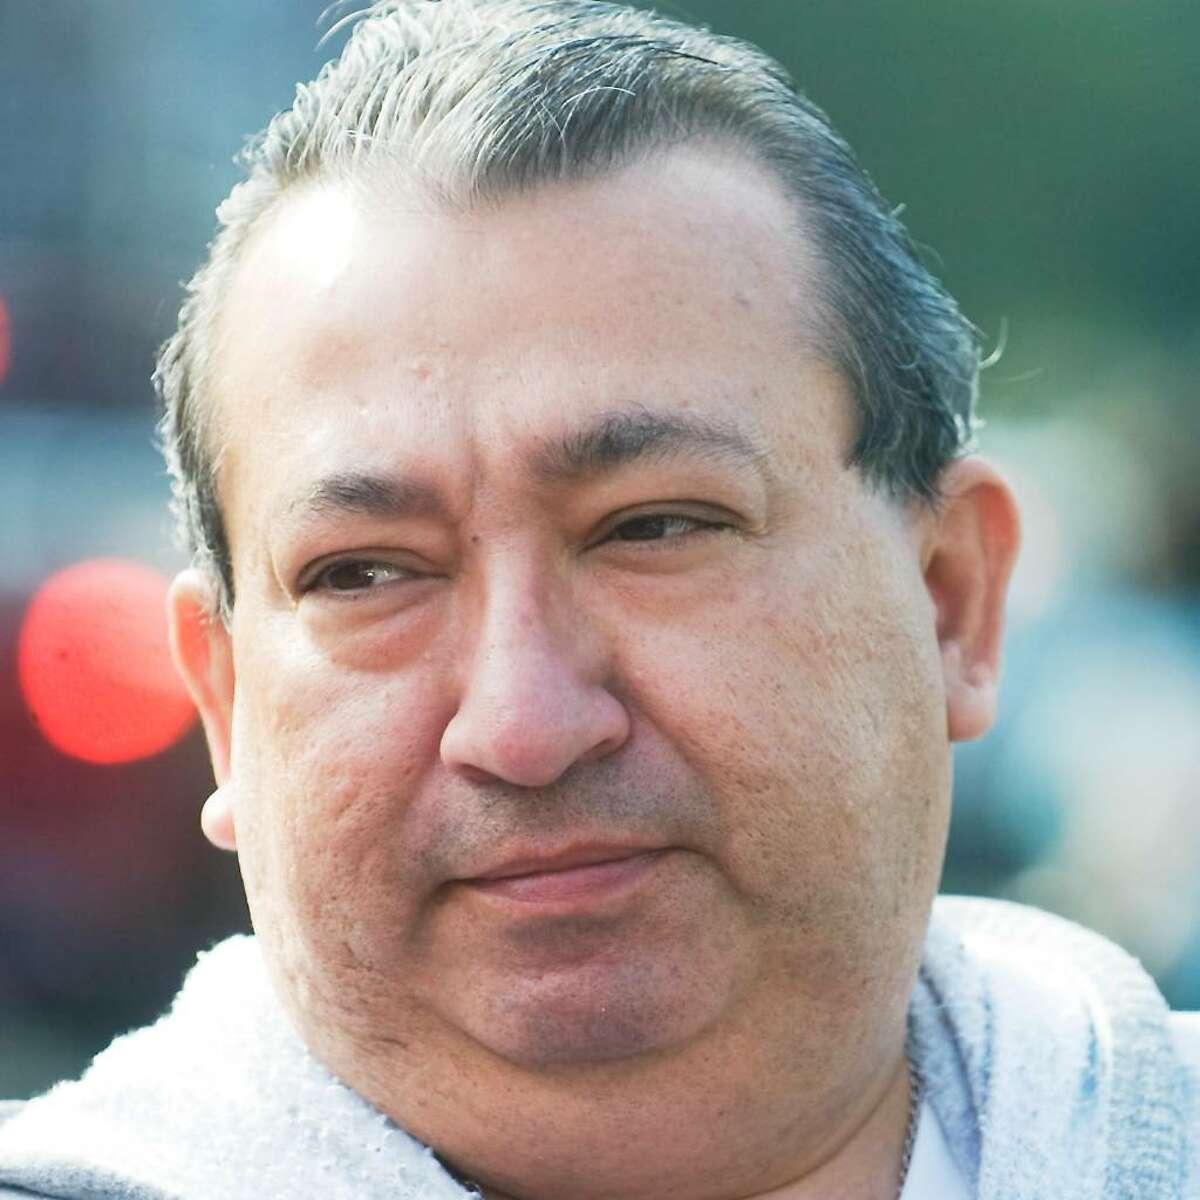 Pablo Ocana, 51,